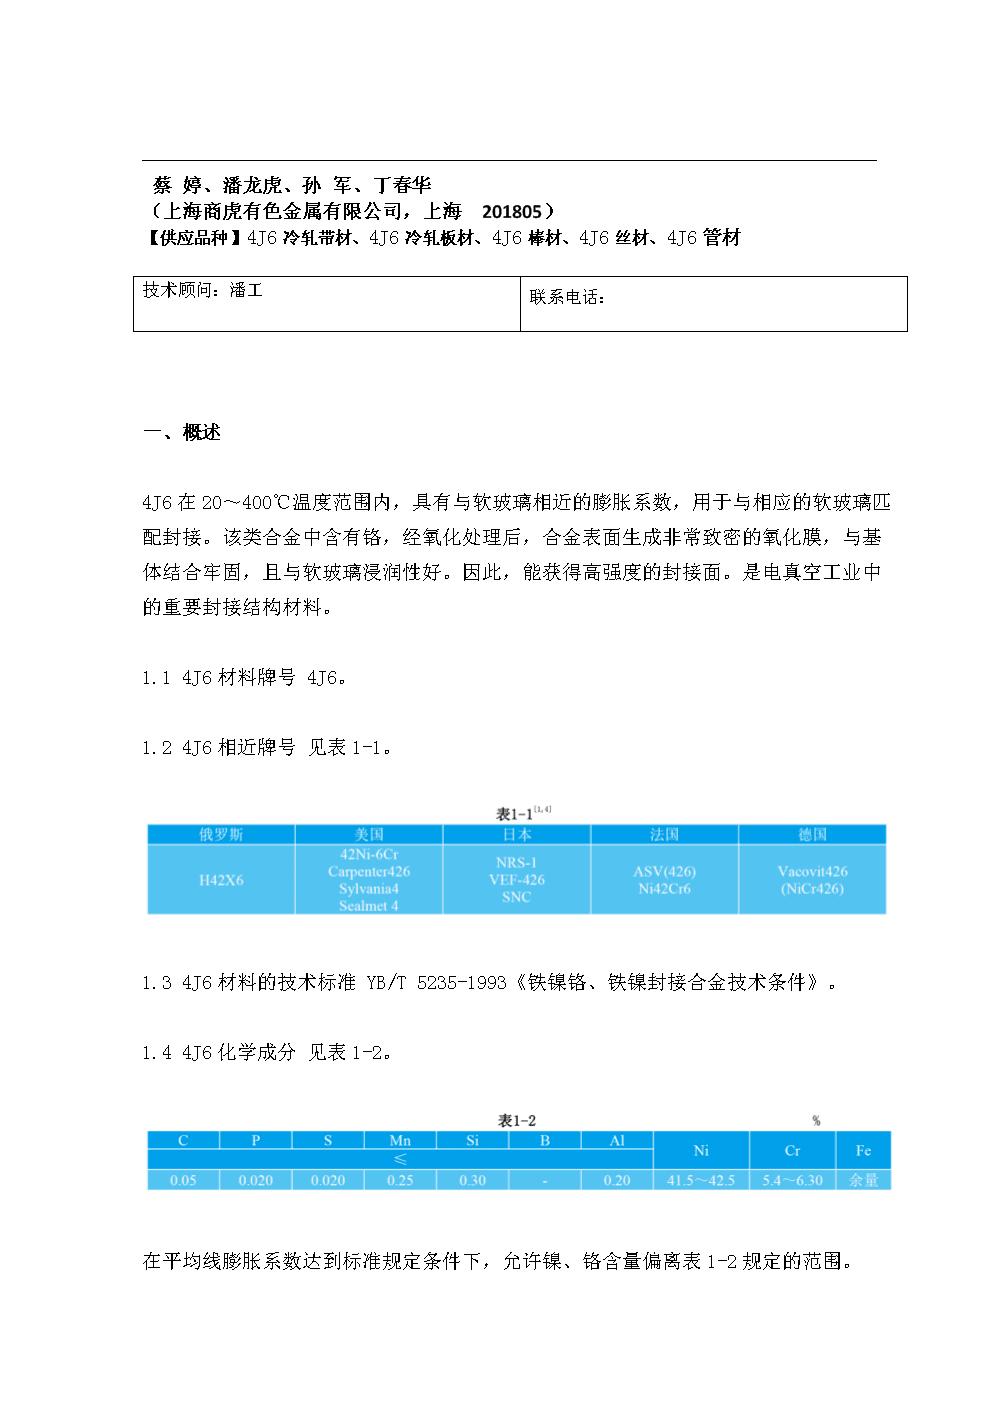 4J6封接合金-上海商虎合金技术.doc